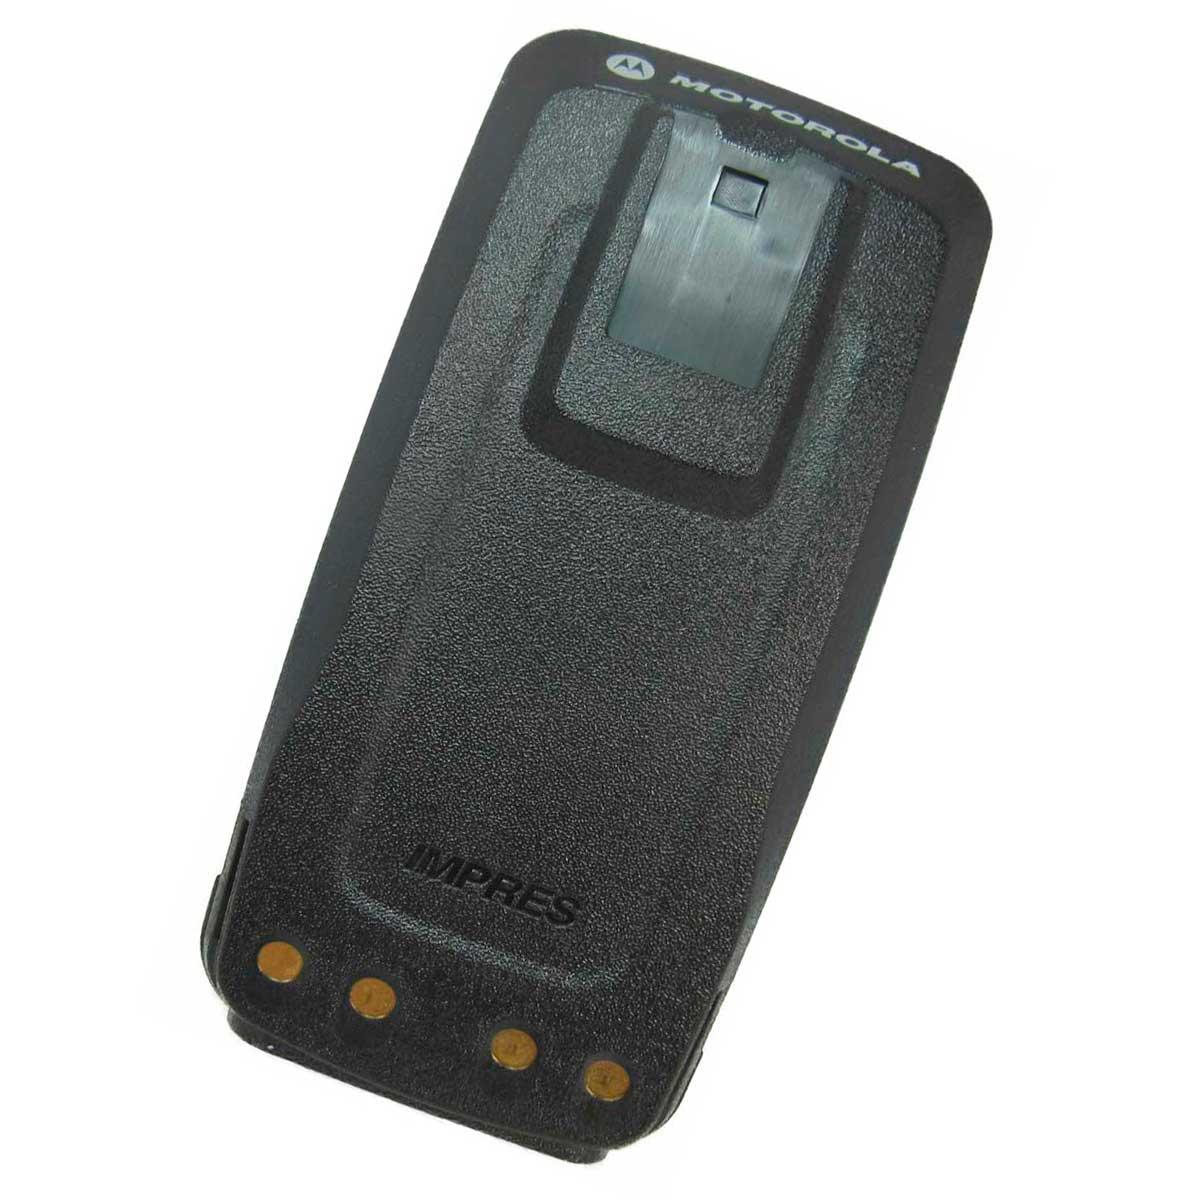 Batería Li-Ion 1500 mAh Motorola de Alta Capacidad PMNN4066 IMPRES